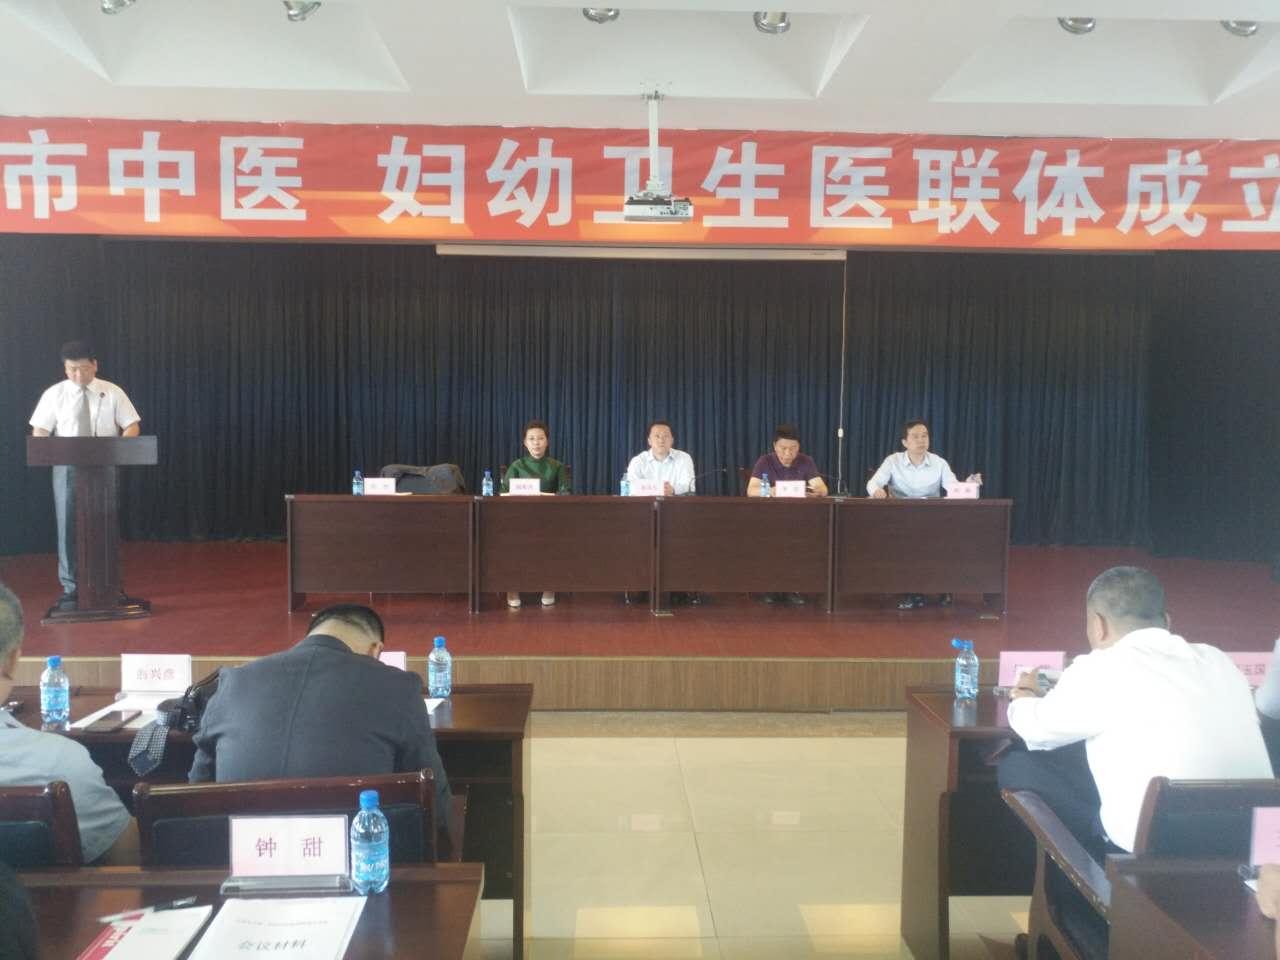 辽阳市成立了中医、妇幼卫生医联体